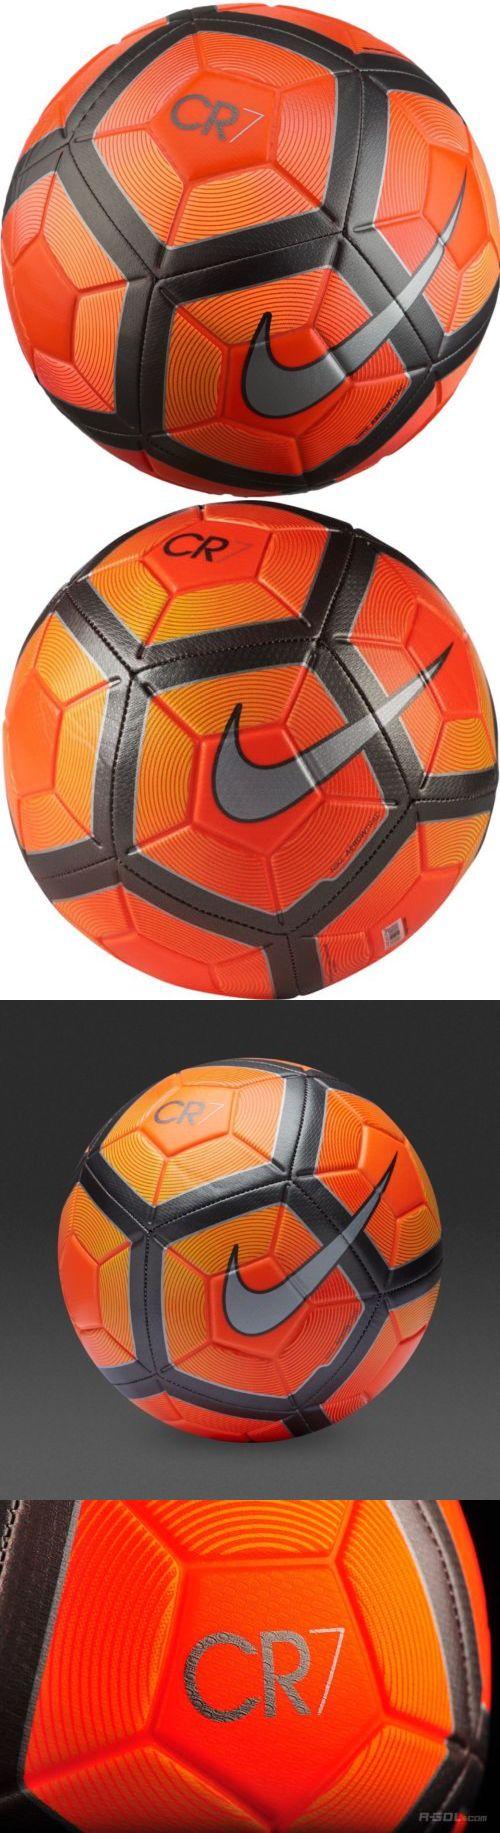 Balls 20863: Nike Cr7 Ronaldo Real Madrid Prestige Soccer Ball Total Crimson Tart Silver Size -> BUY IT NOW ONLY: $49.99 on eBay!